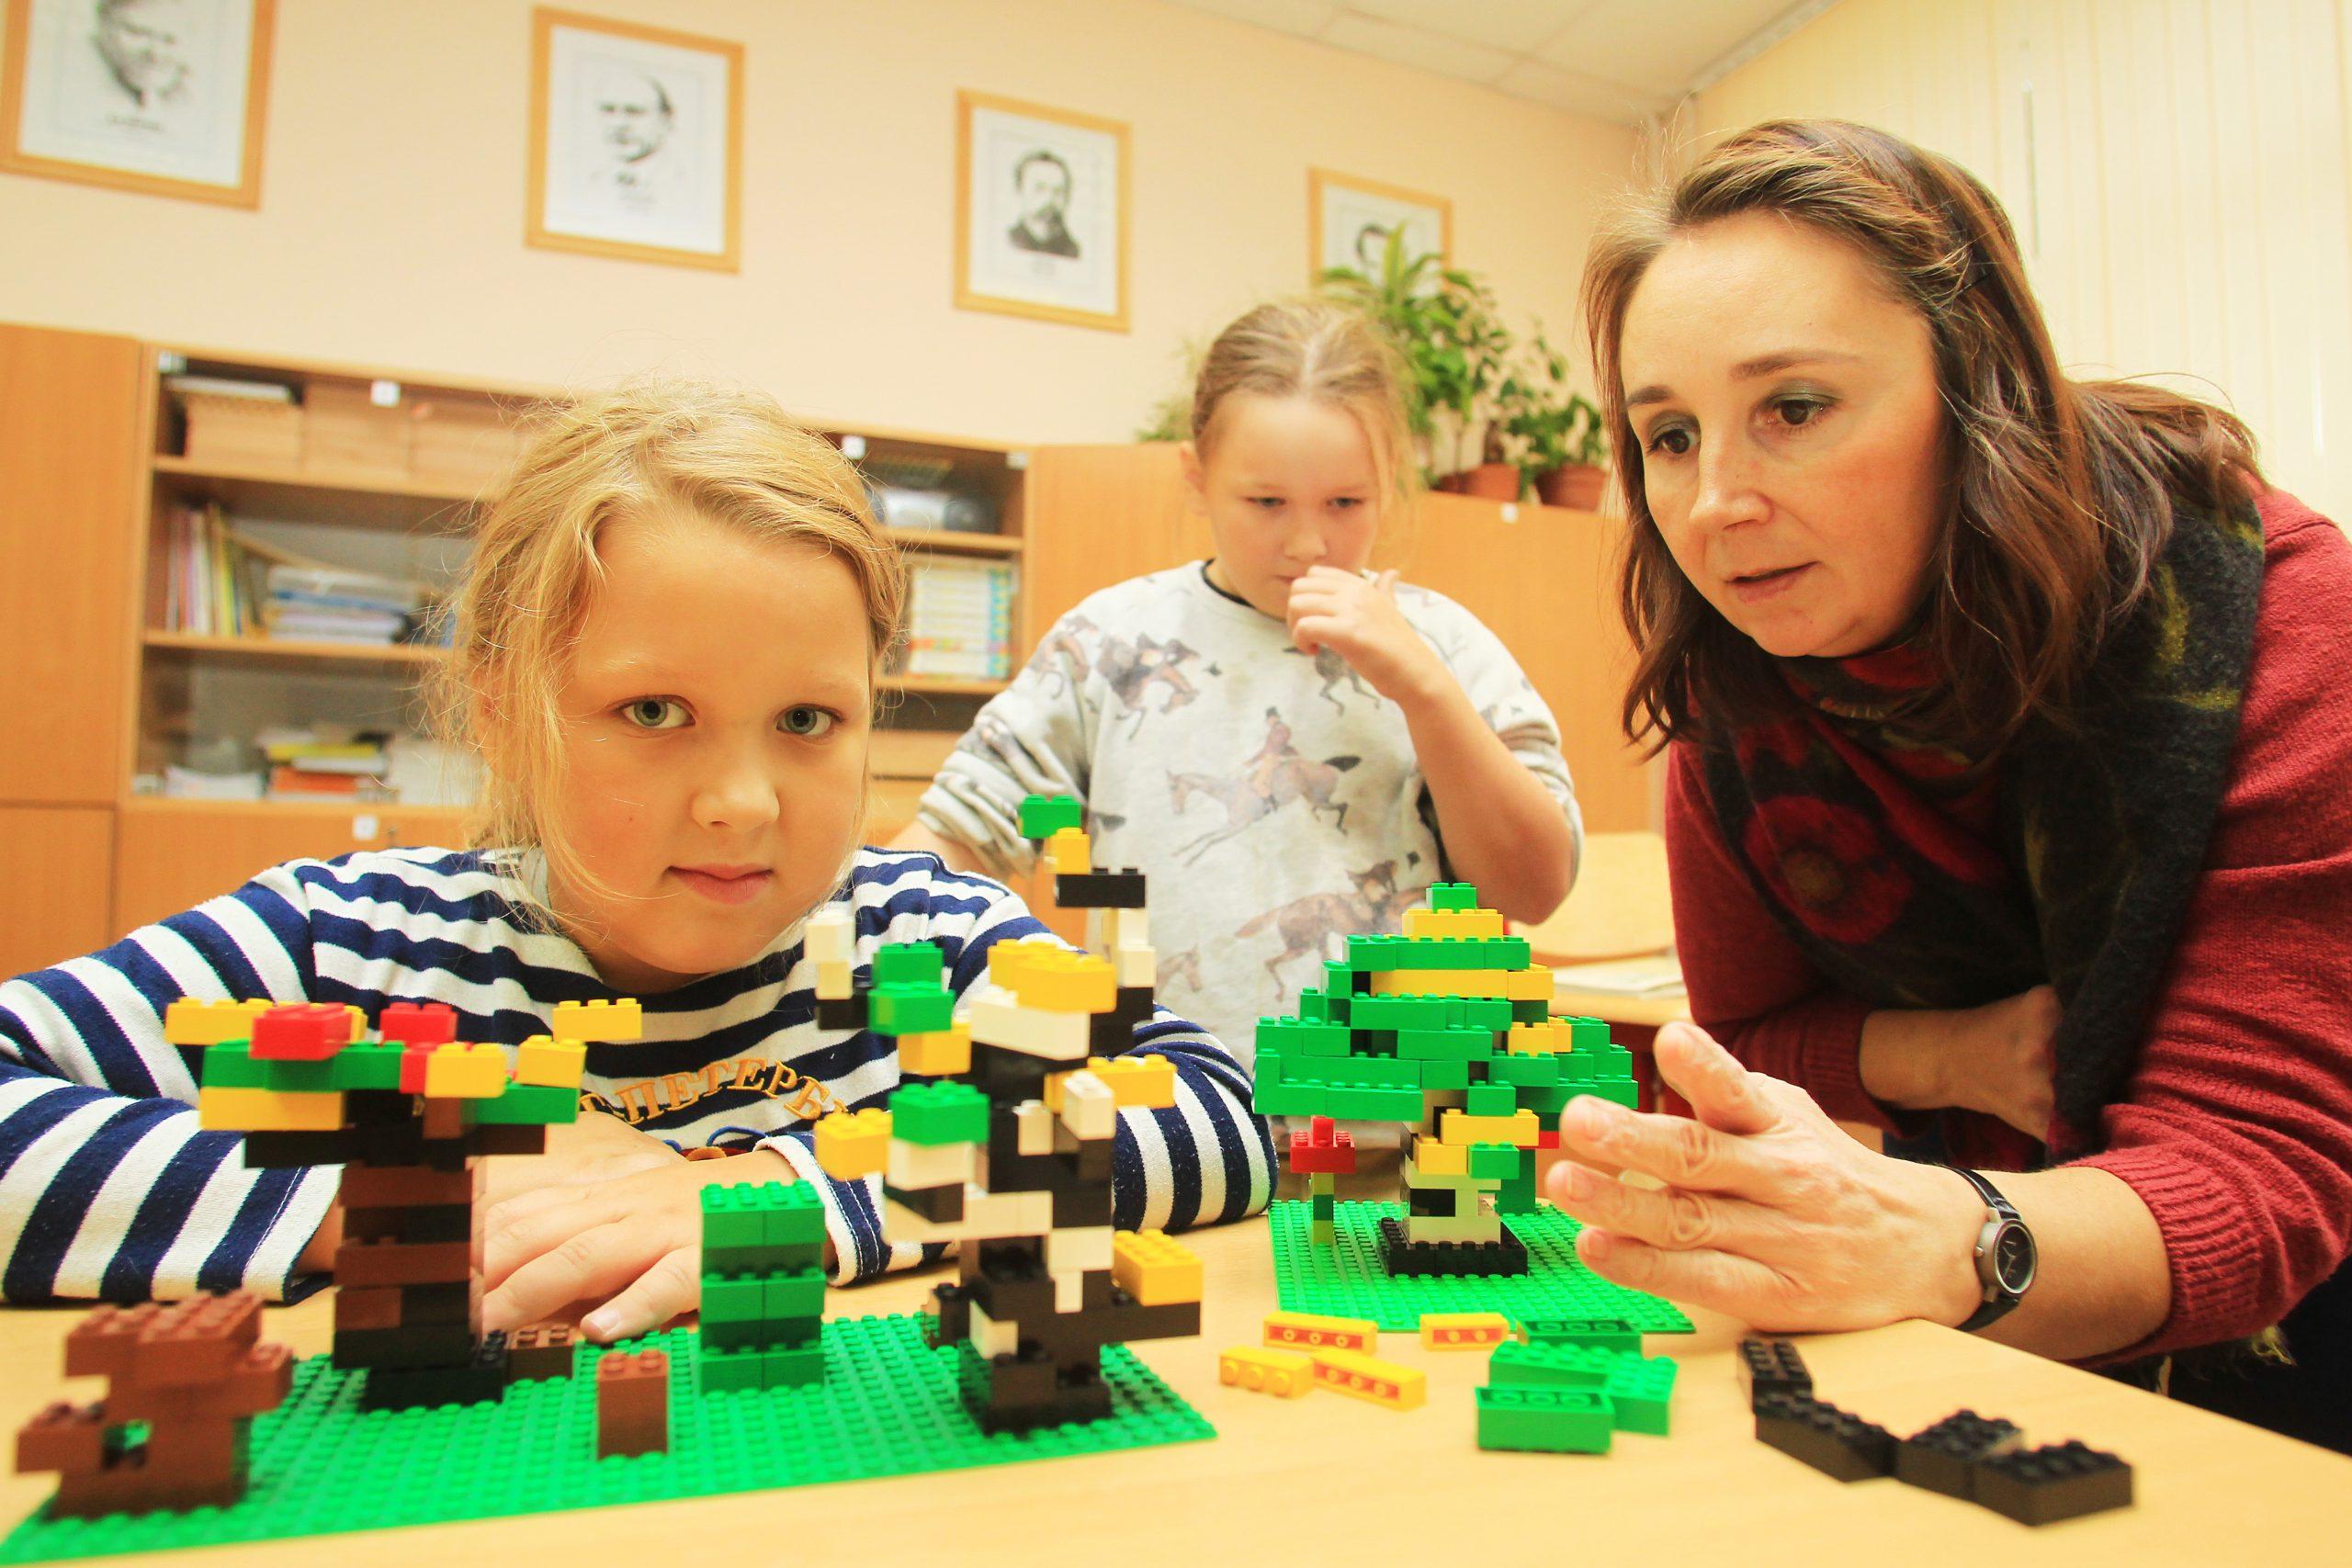 Занятие кружка «Учимся, играя с Лего» организовали сотрудники библиотеки №263 поселения Десеновское